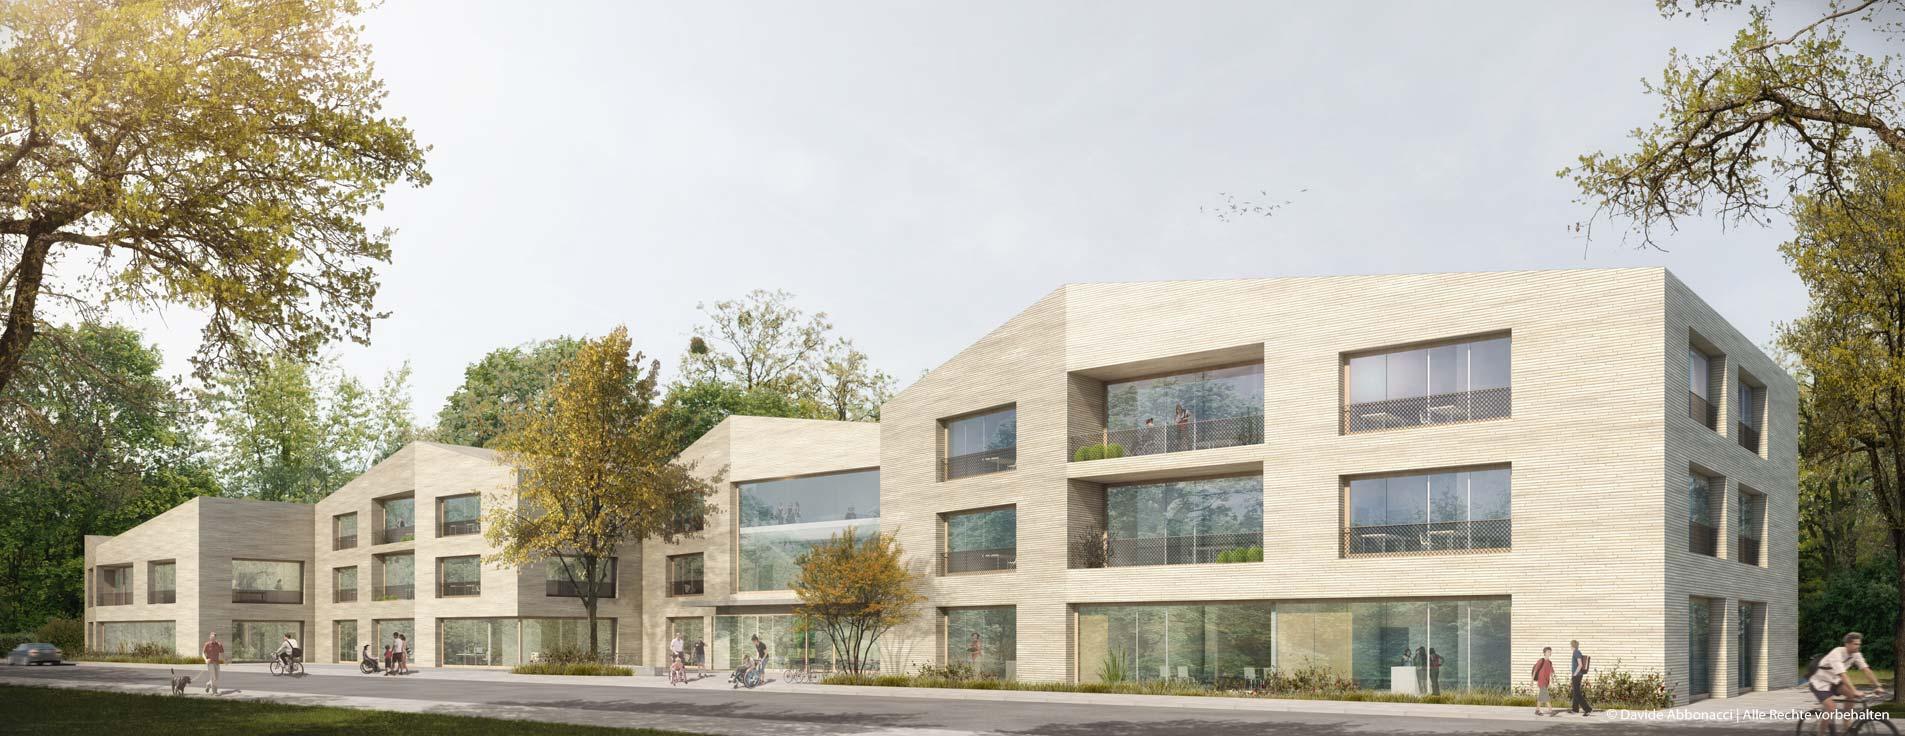 Sonderschule Pankow, Berlin | Erchinger Wurfbaum Architekten | 2017 Wettbewerbsvisualisierung | 3. Preis